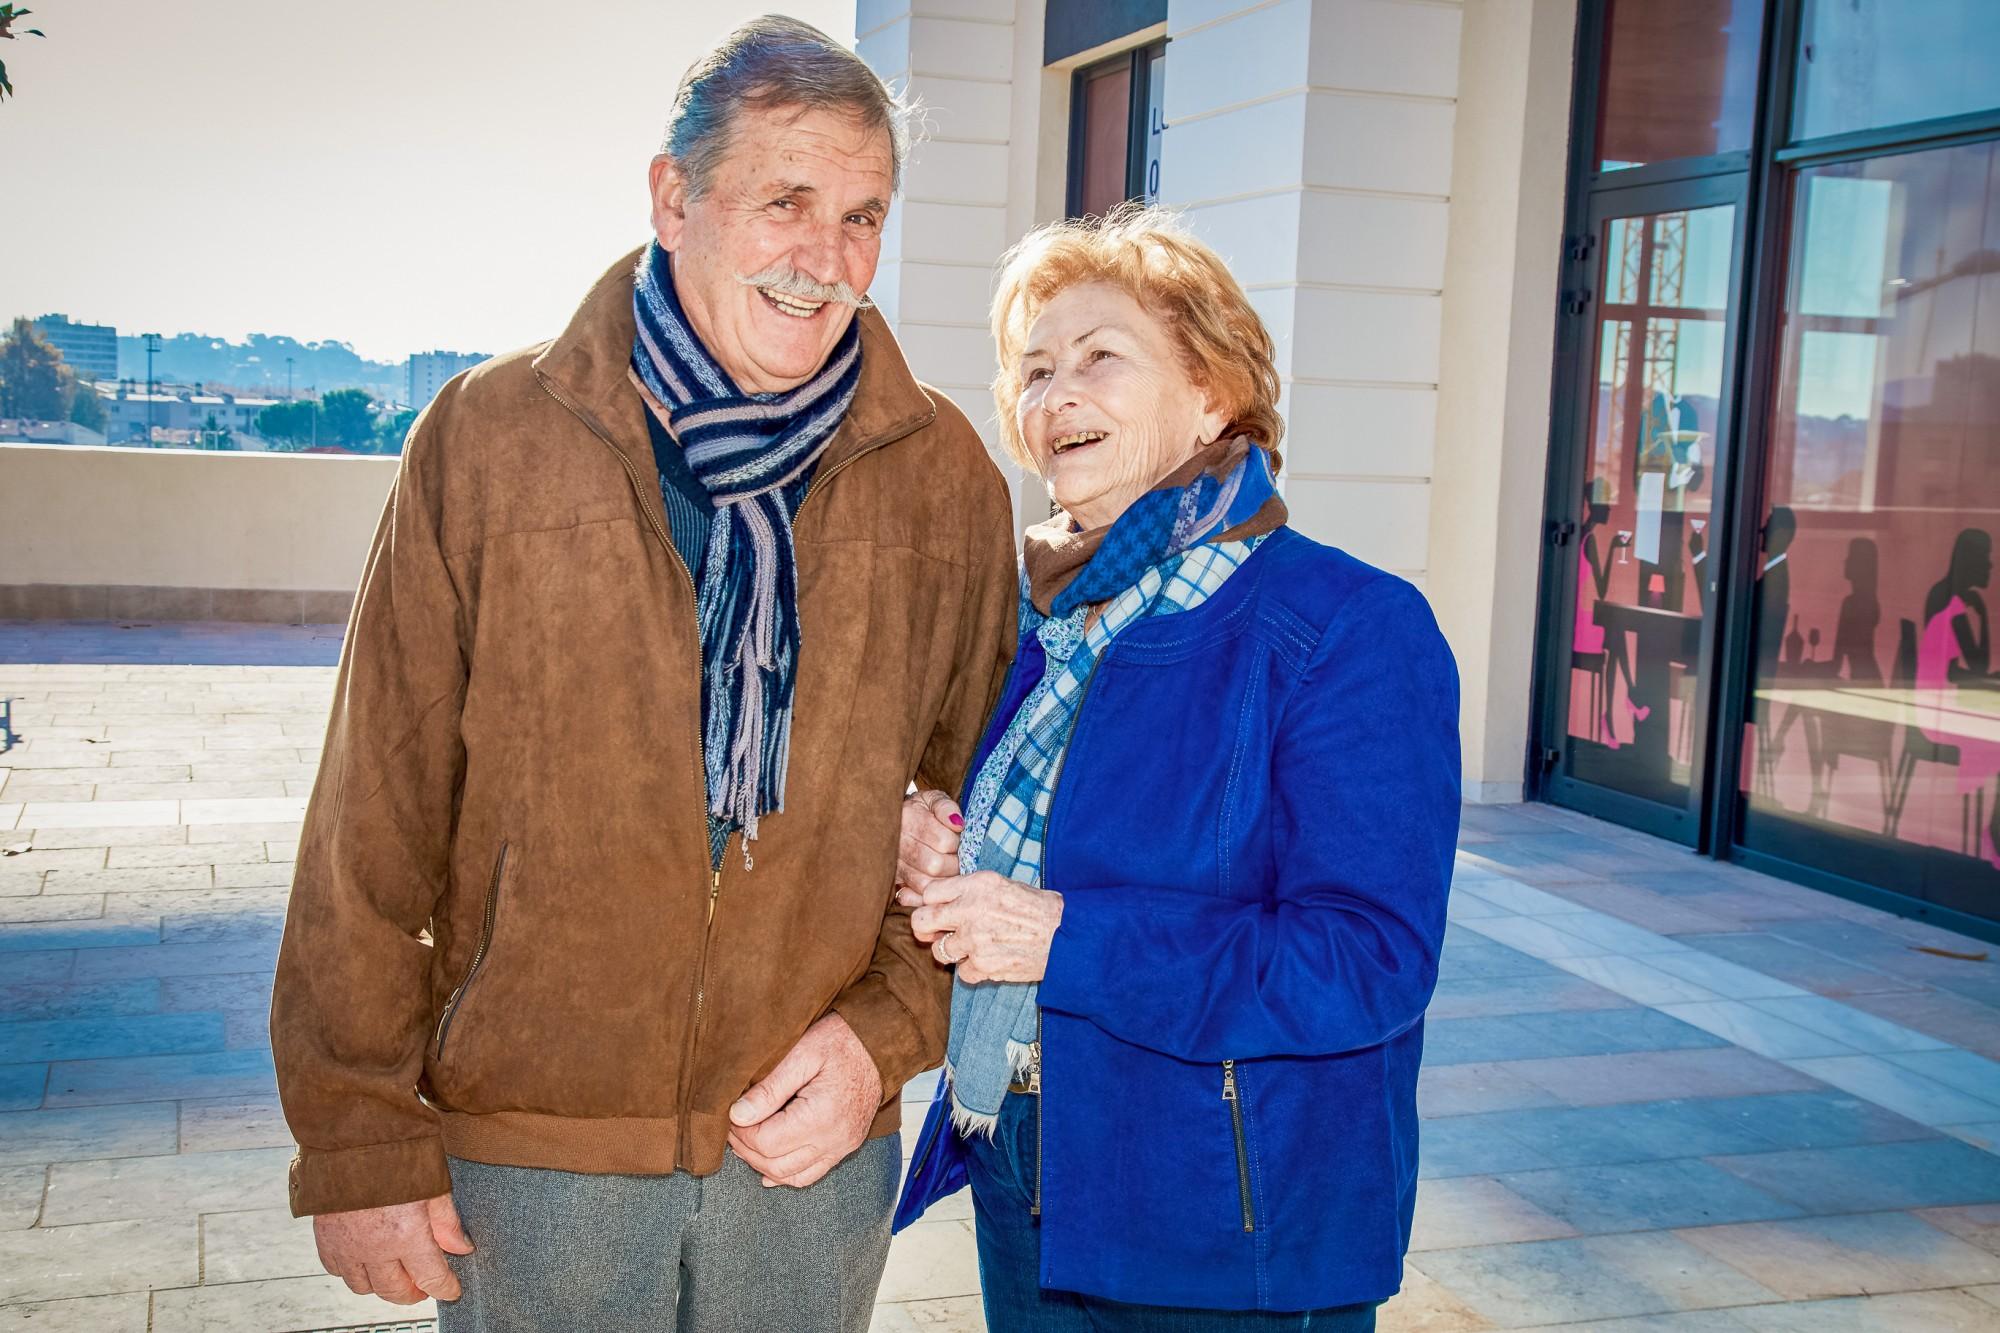 Bel âge / Senior / Personnes de plus de 60 ans : Les différents types de prise en charge d'aide à domicile